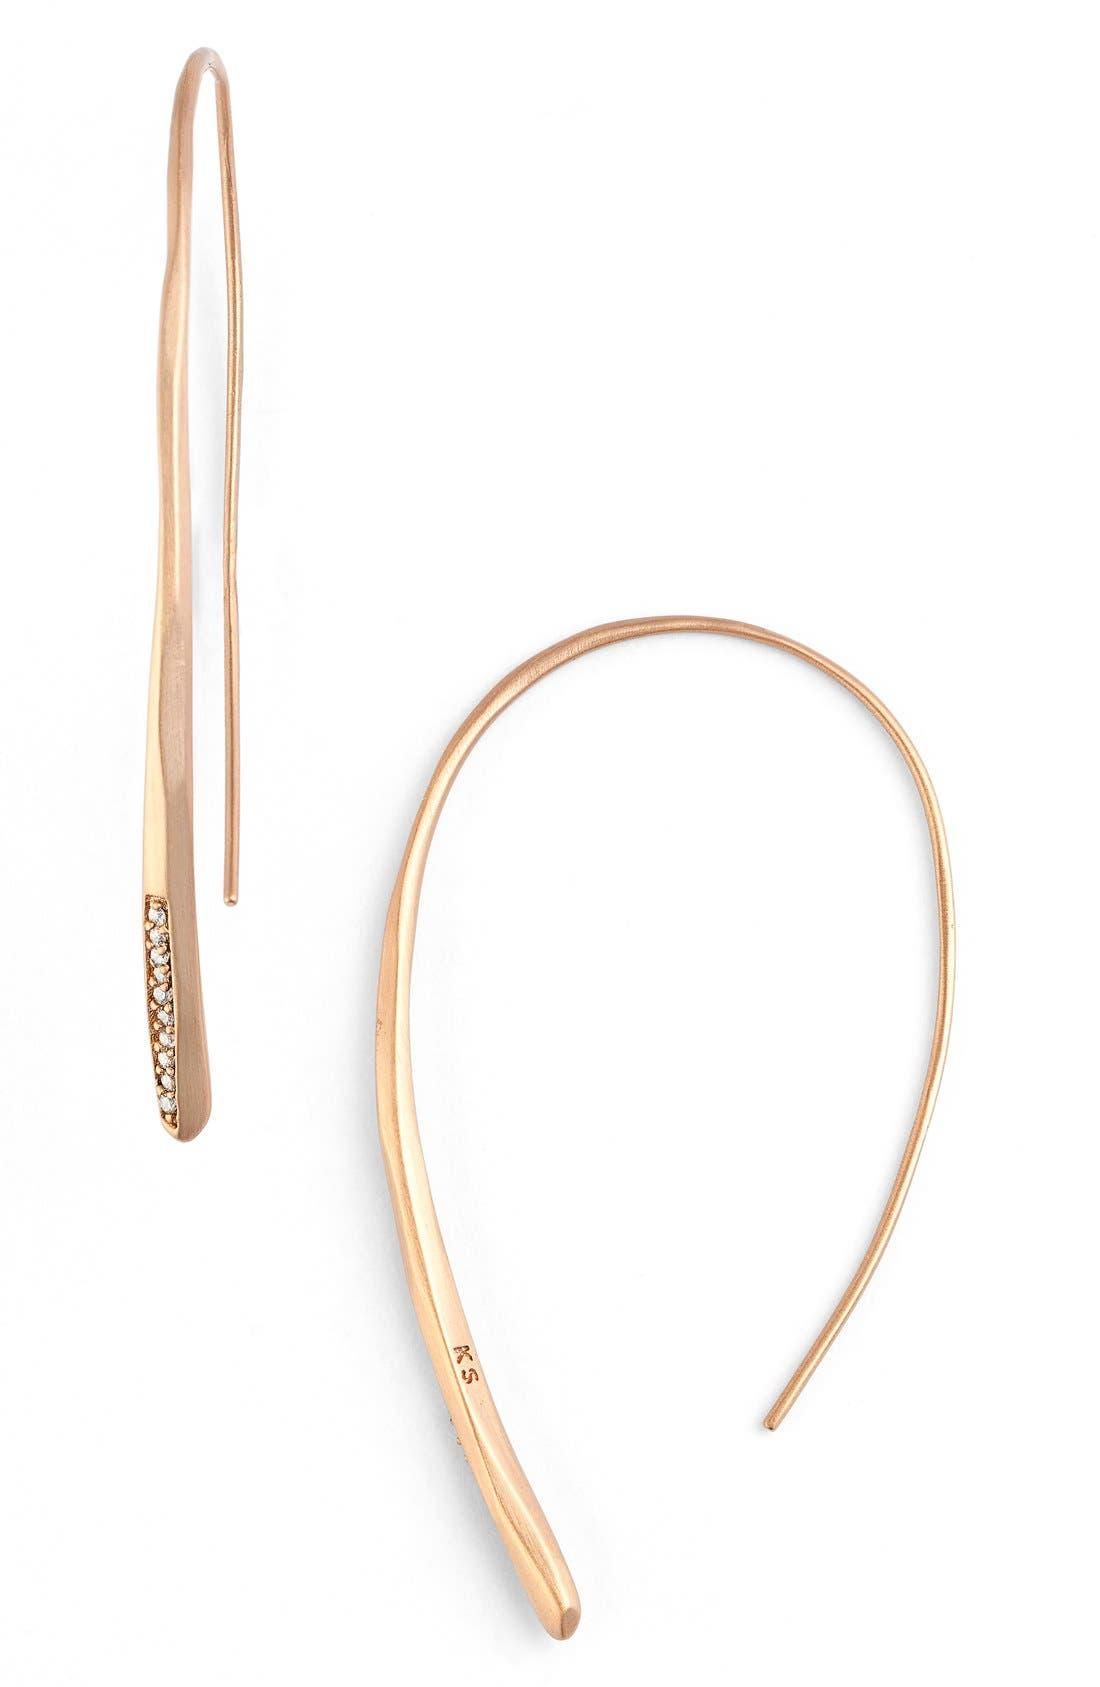 Alternate Image 1 Selected - Kendra Scott 'Julian' Threader Earrings